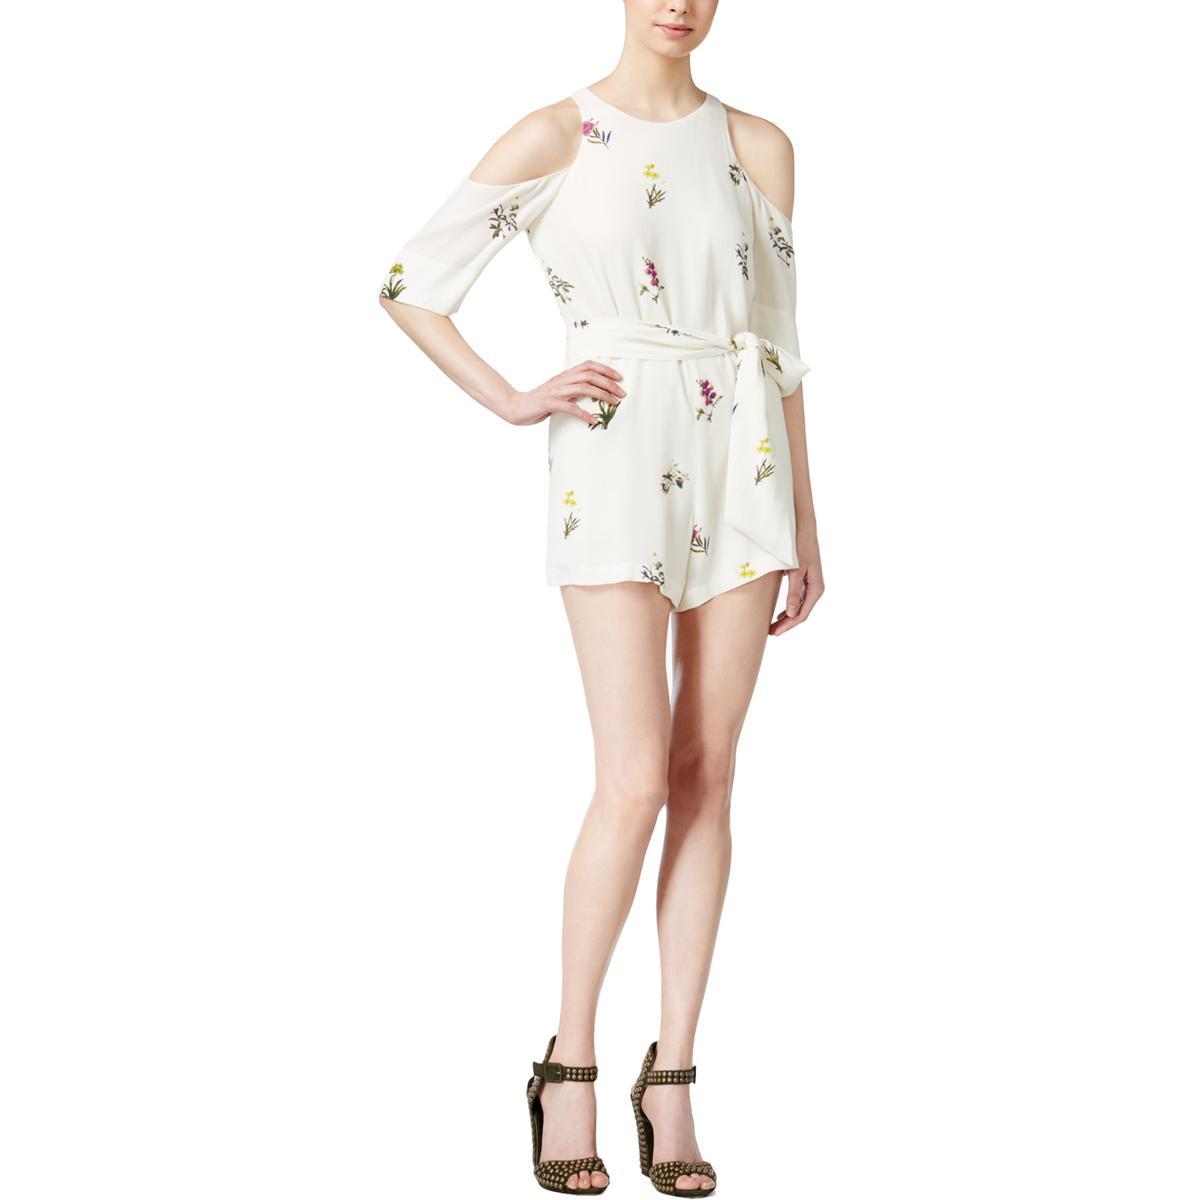 b1d26f44fe0095 Details about Rachel Rachel Roy Womens Ivory Floral Print Cold Shoulder  Romper 8 BHFO 2988